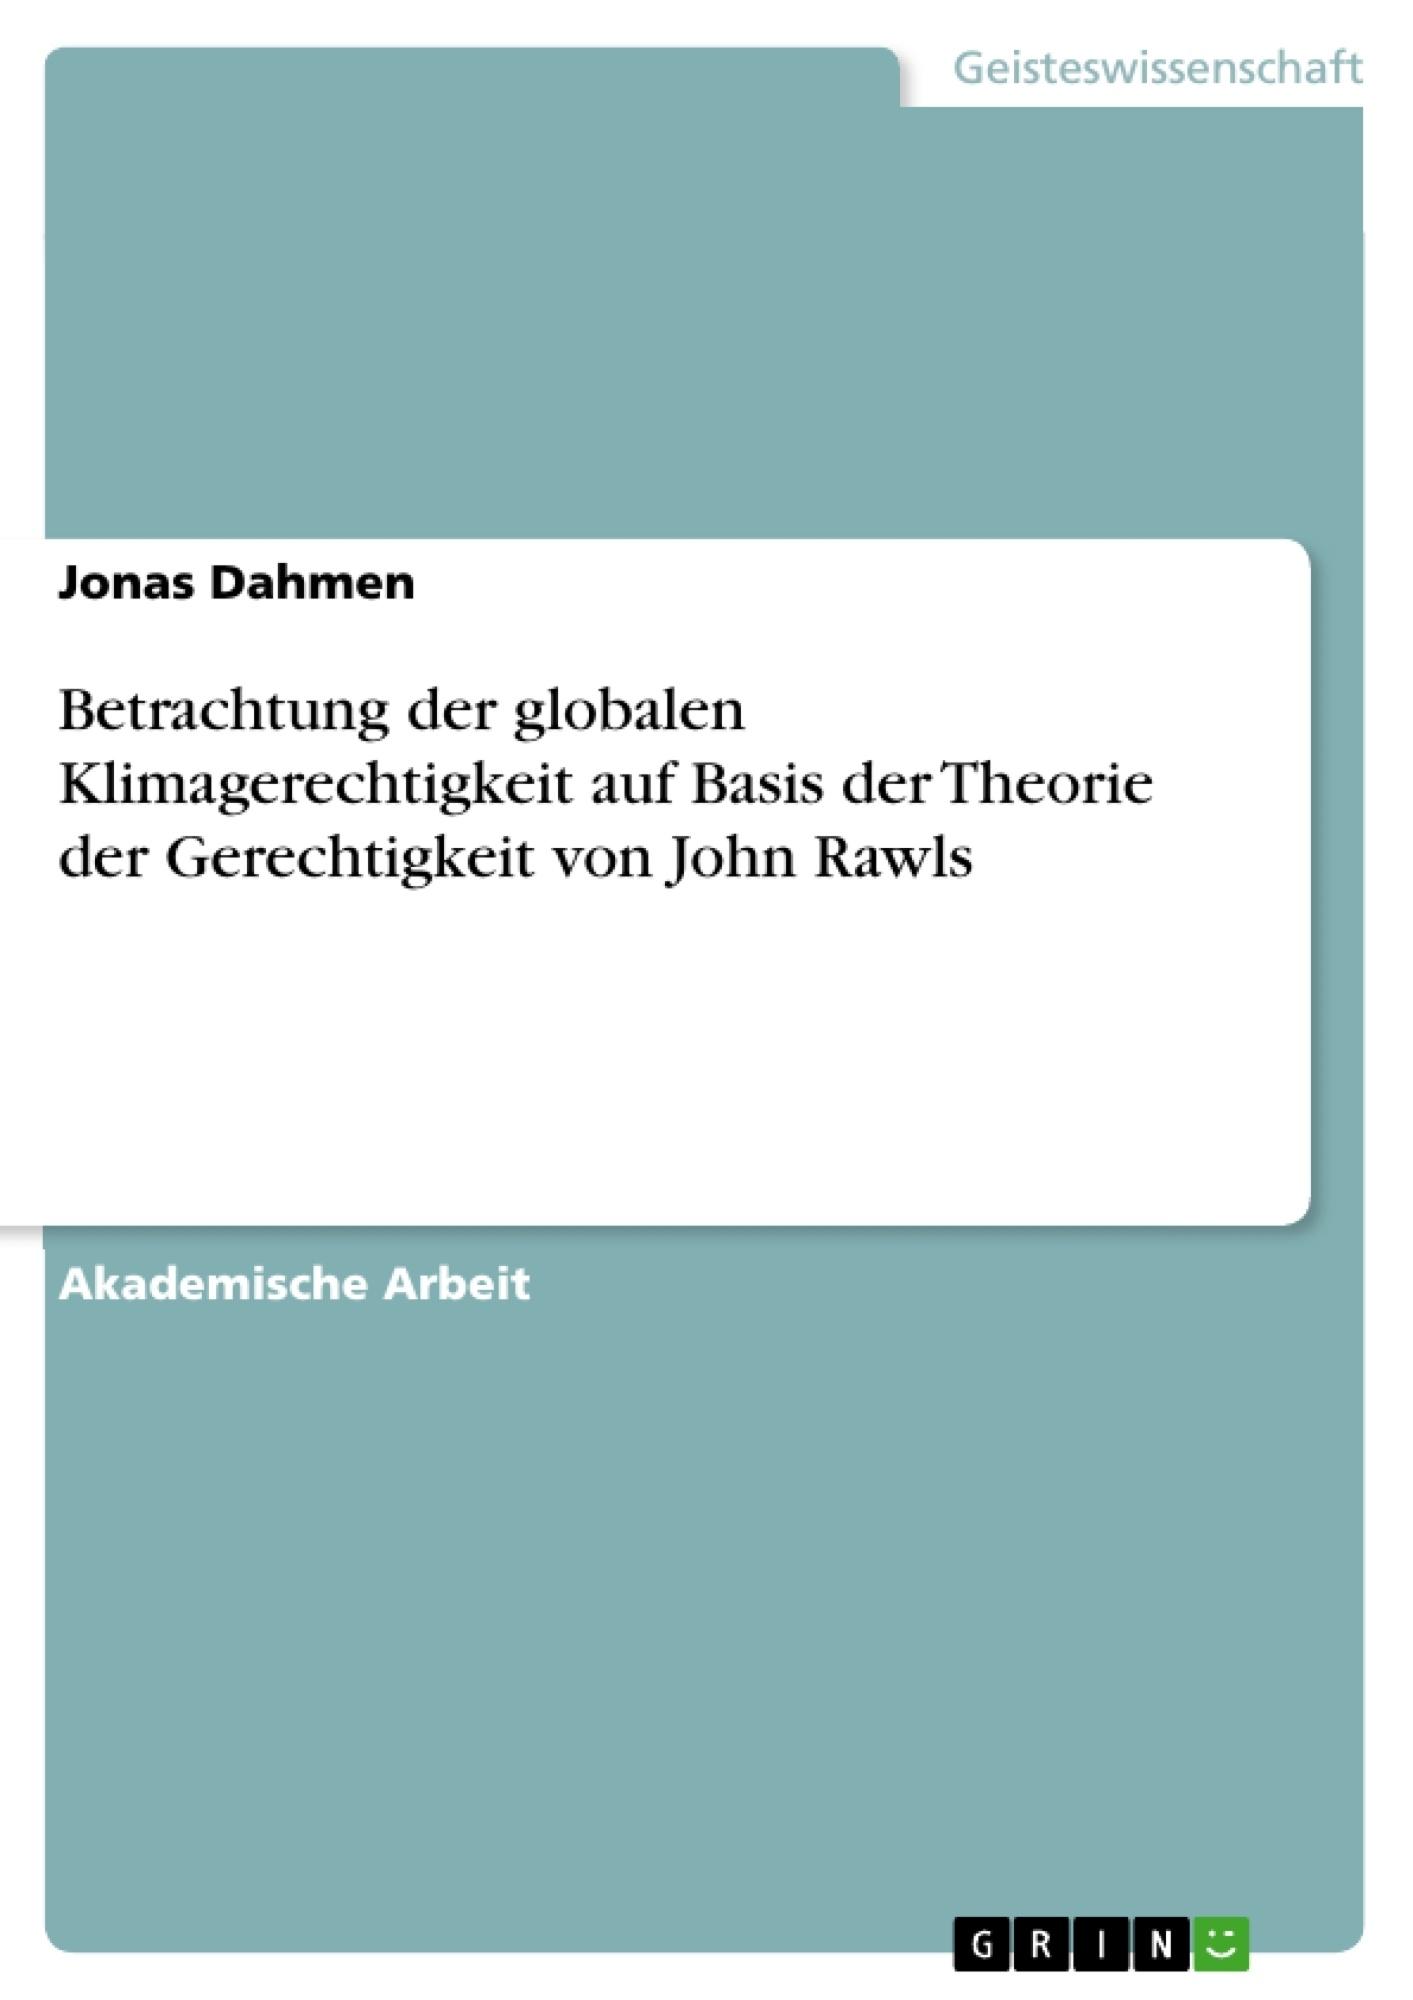 Titel: Betrachtung der globalen Klimagerechtigkeit auf Basis der Theorie der Gerechtigkeit von John Rawls